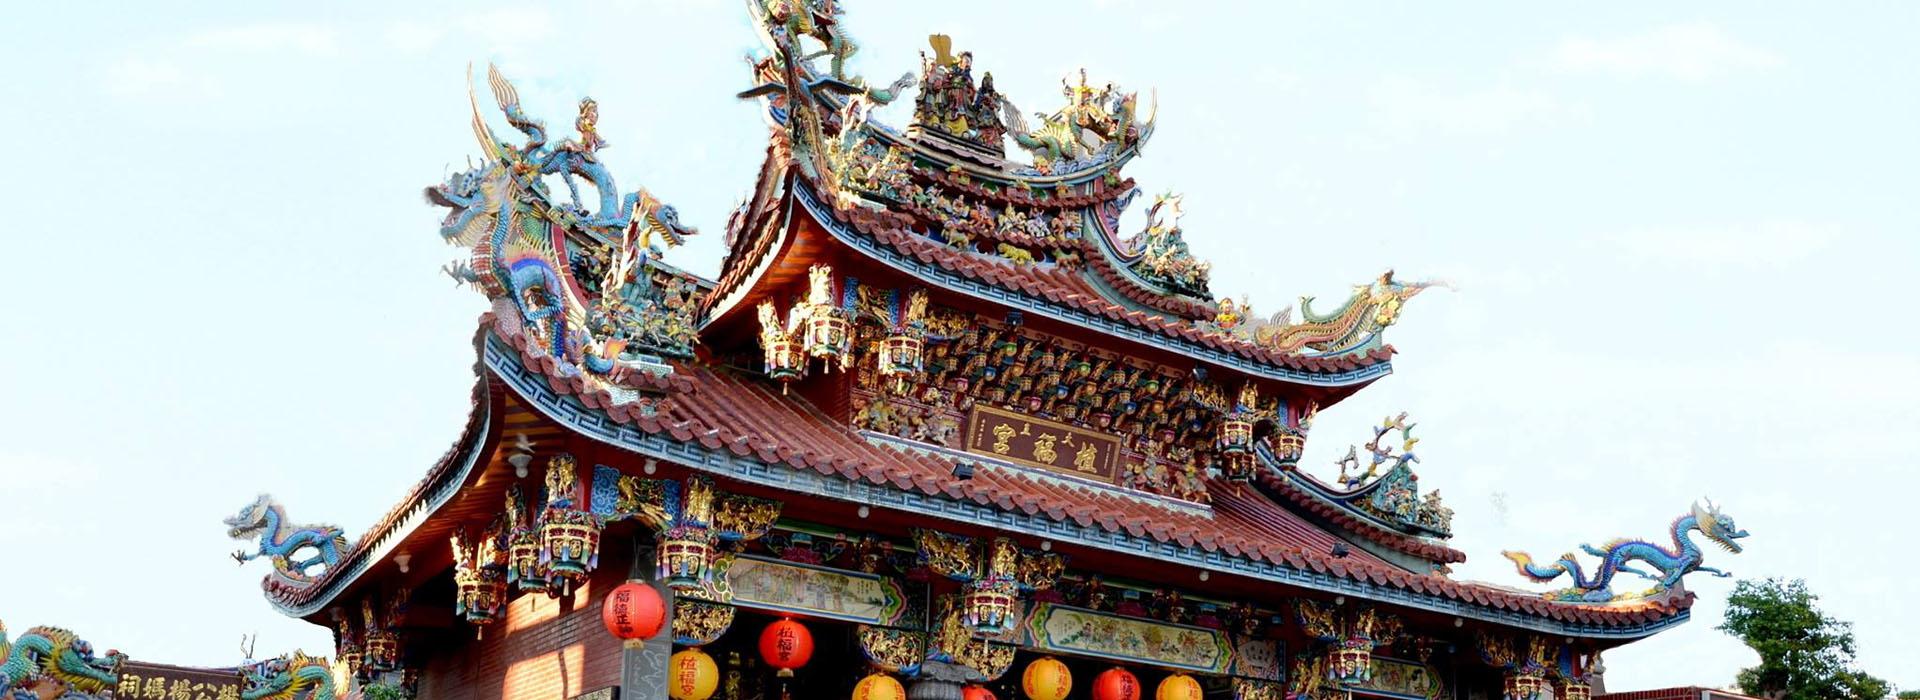 有拜有保庇 名人都愛拜的關公、土地公及財神廟